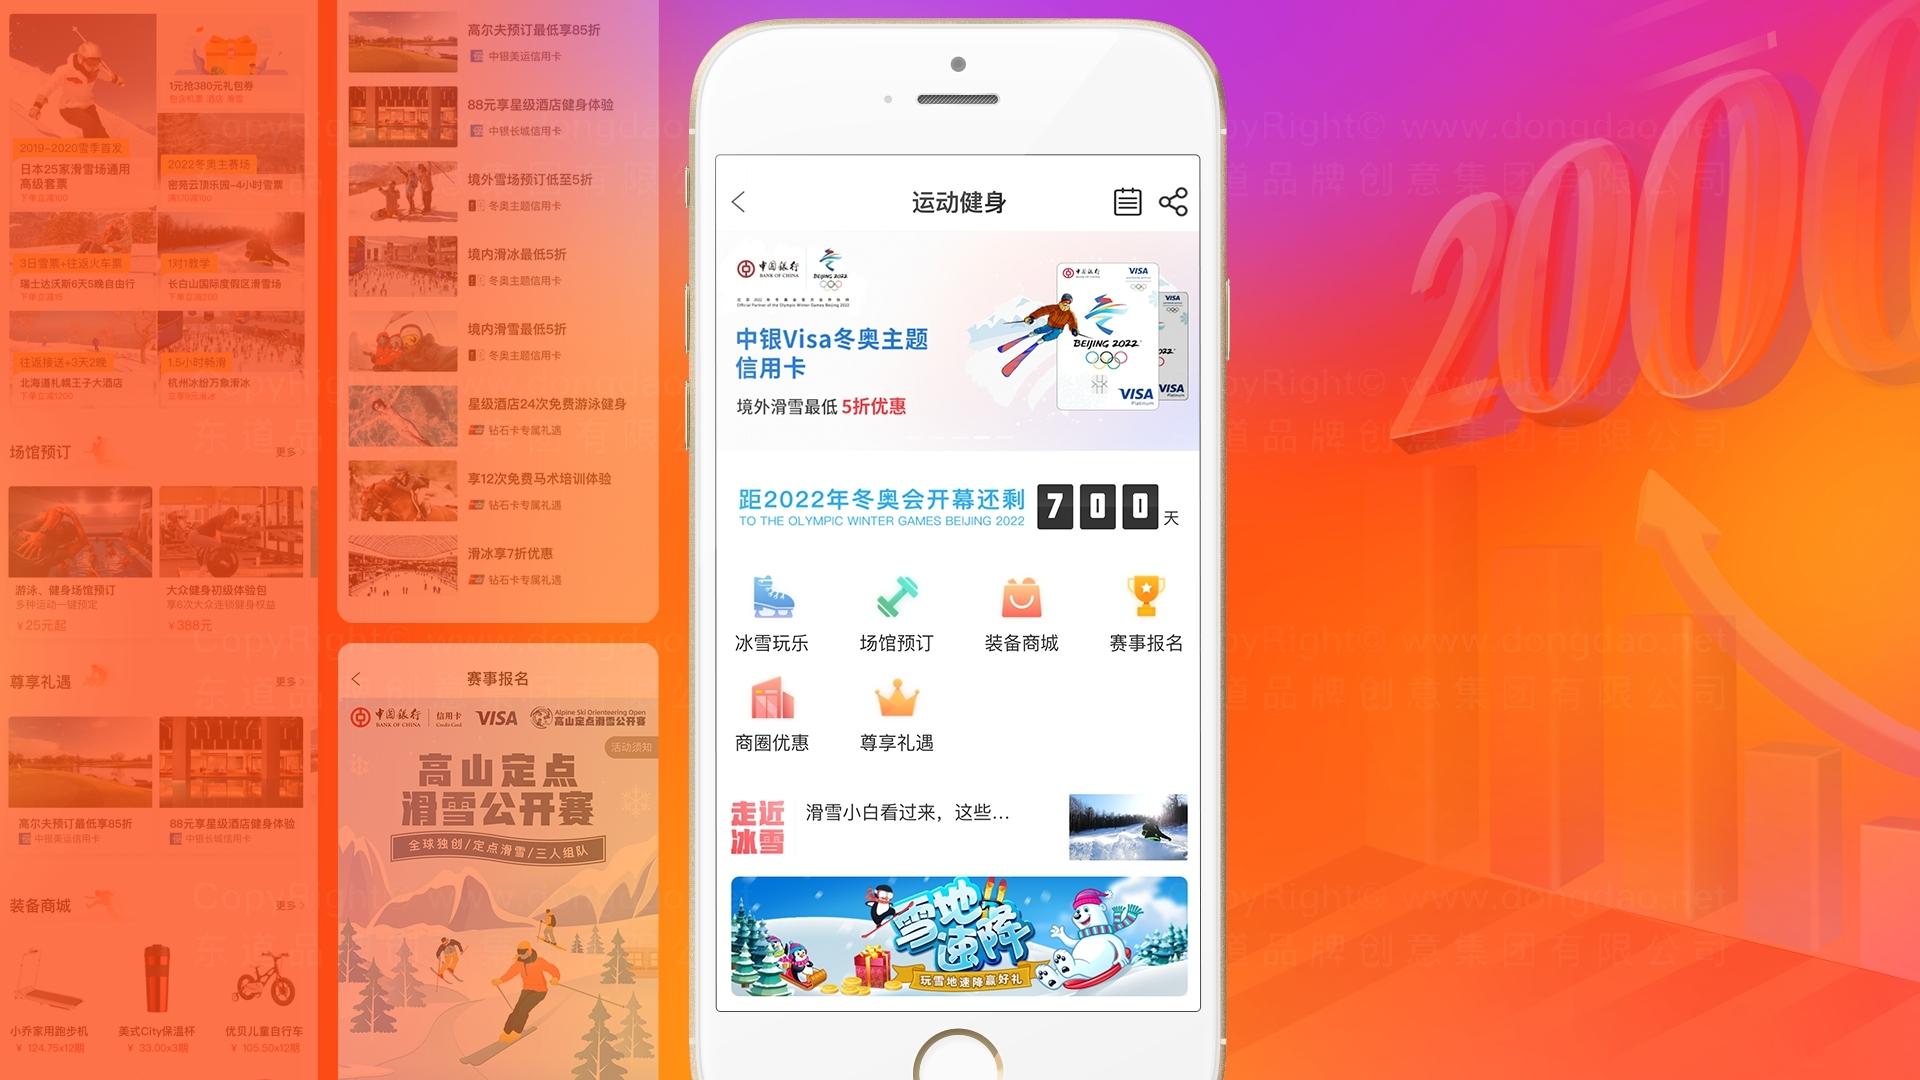 中国银行App设计应用场景_11